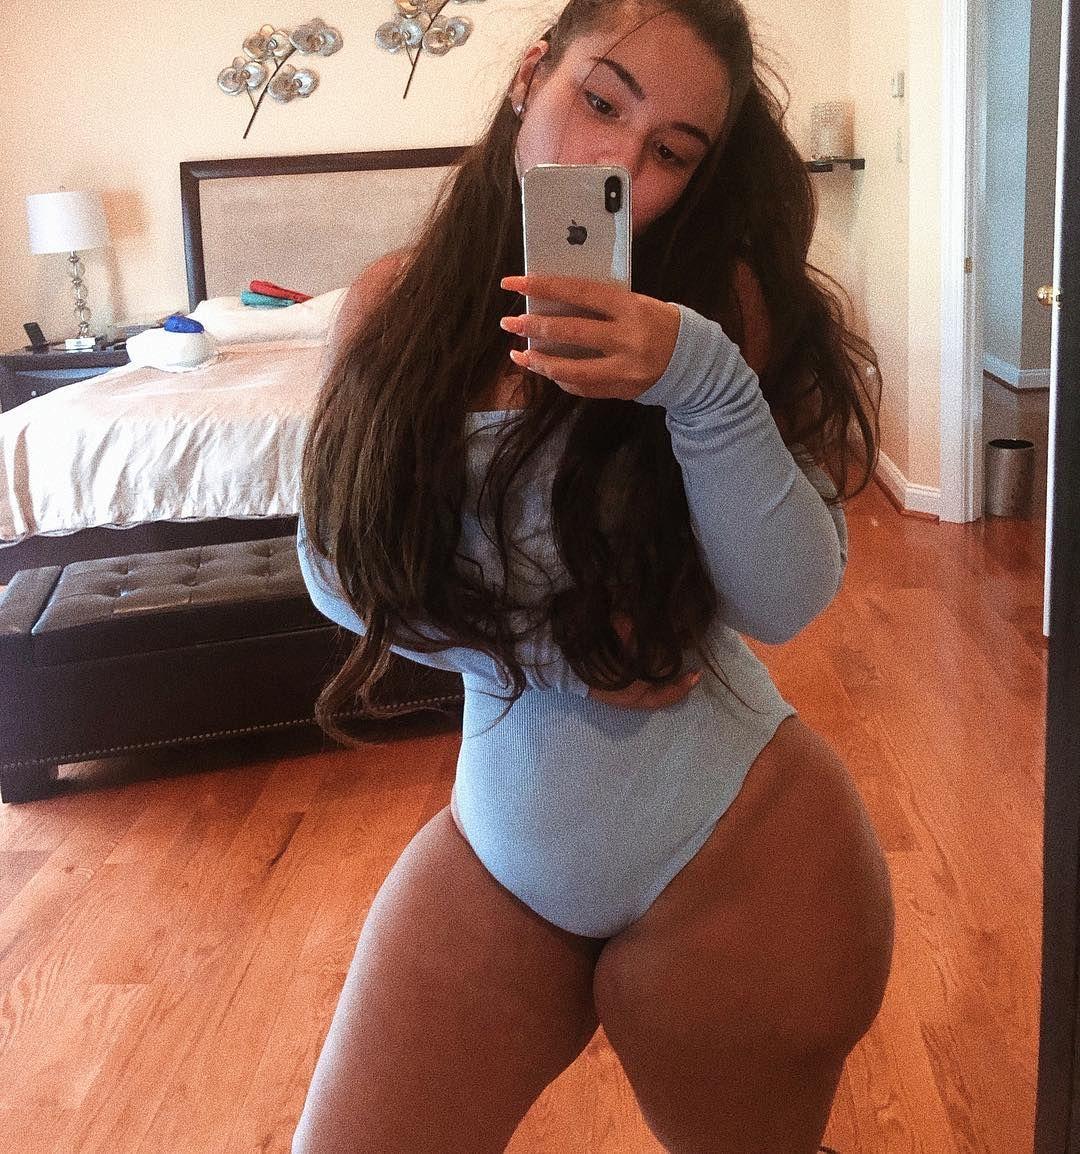 Big Ass Latina Teen Maid